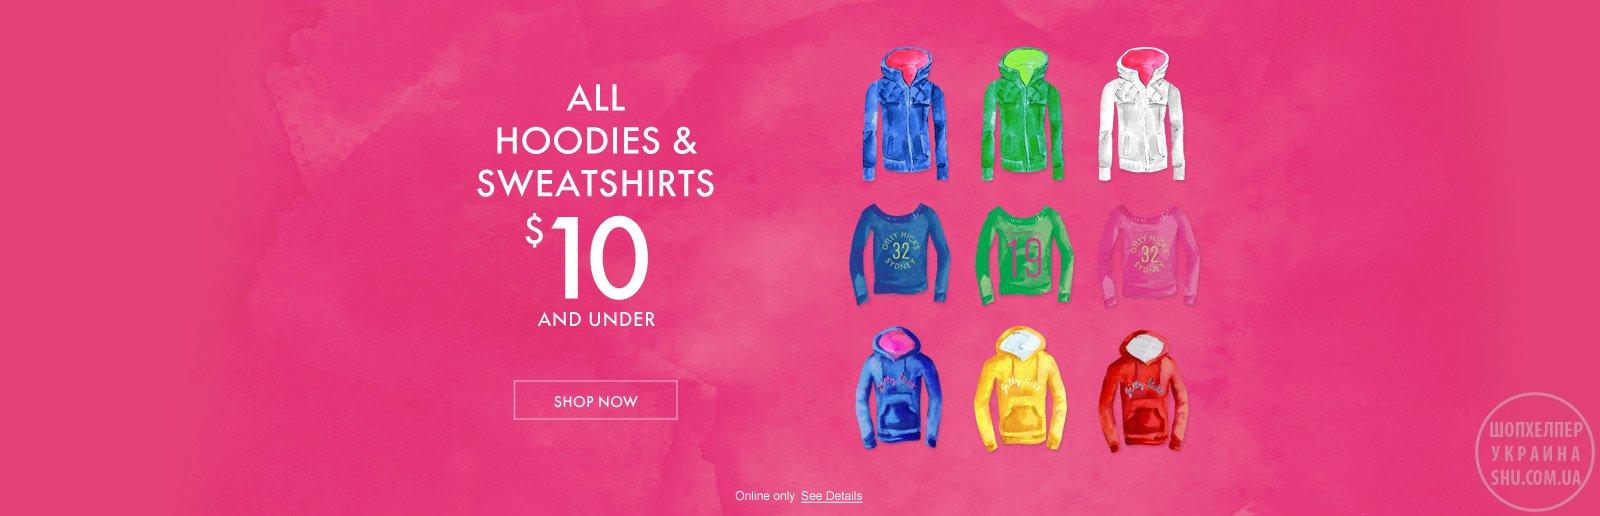 gh-US-20140821-hphero-hoodies.jpg